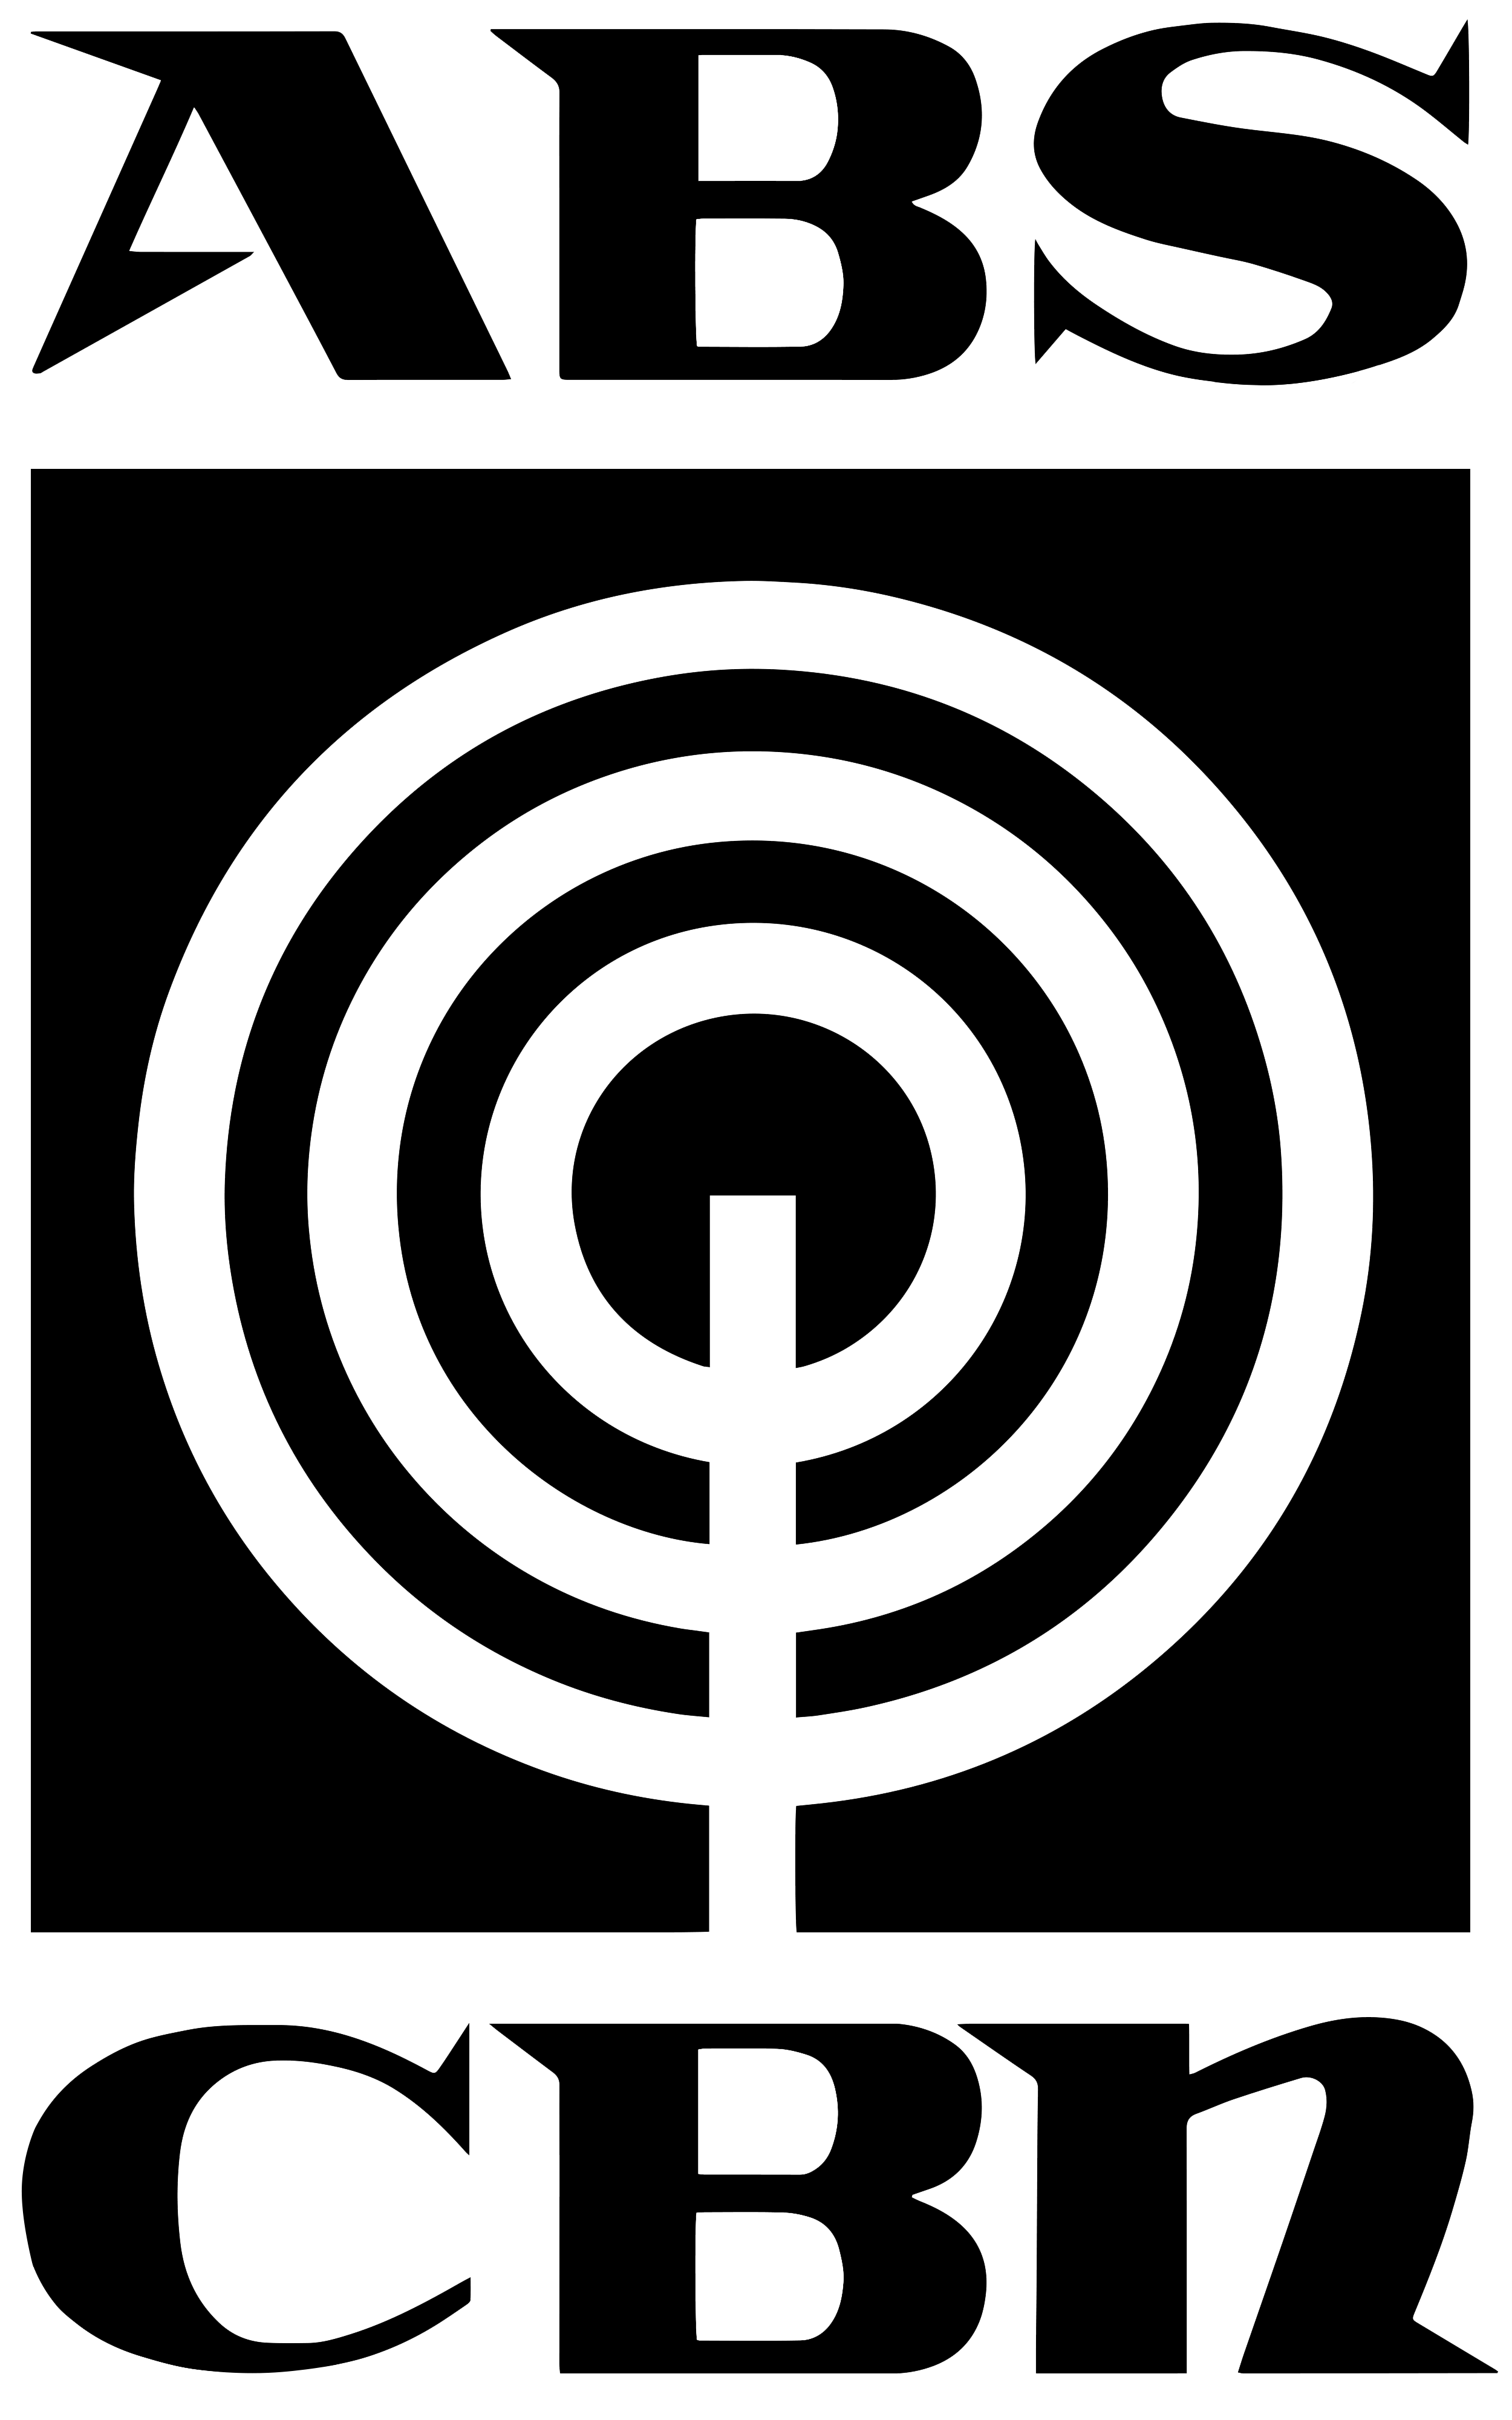 ABS-CBN/Logo Variations